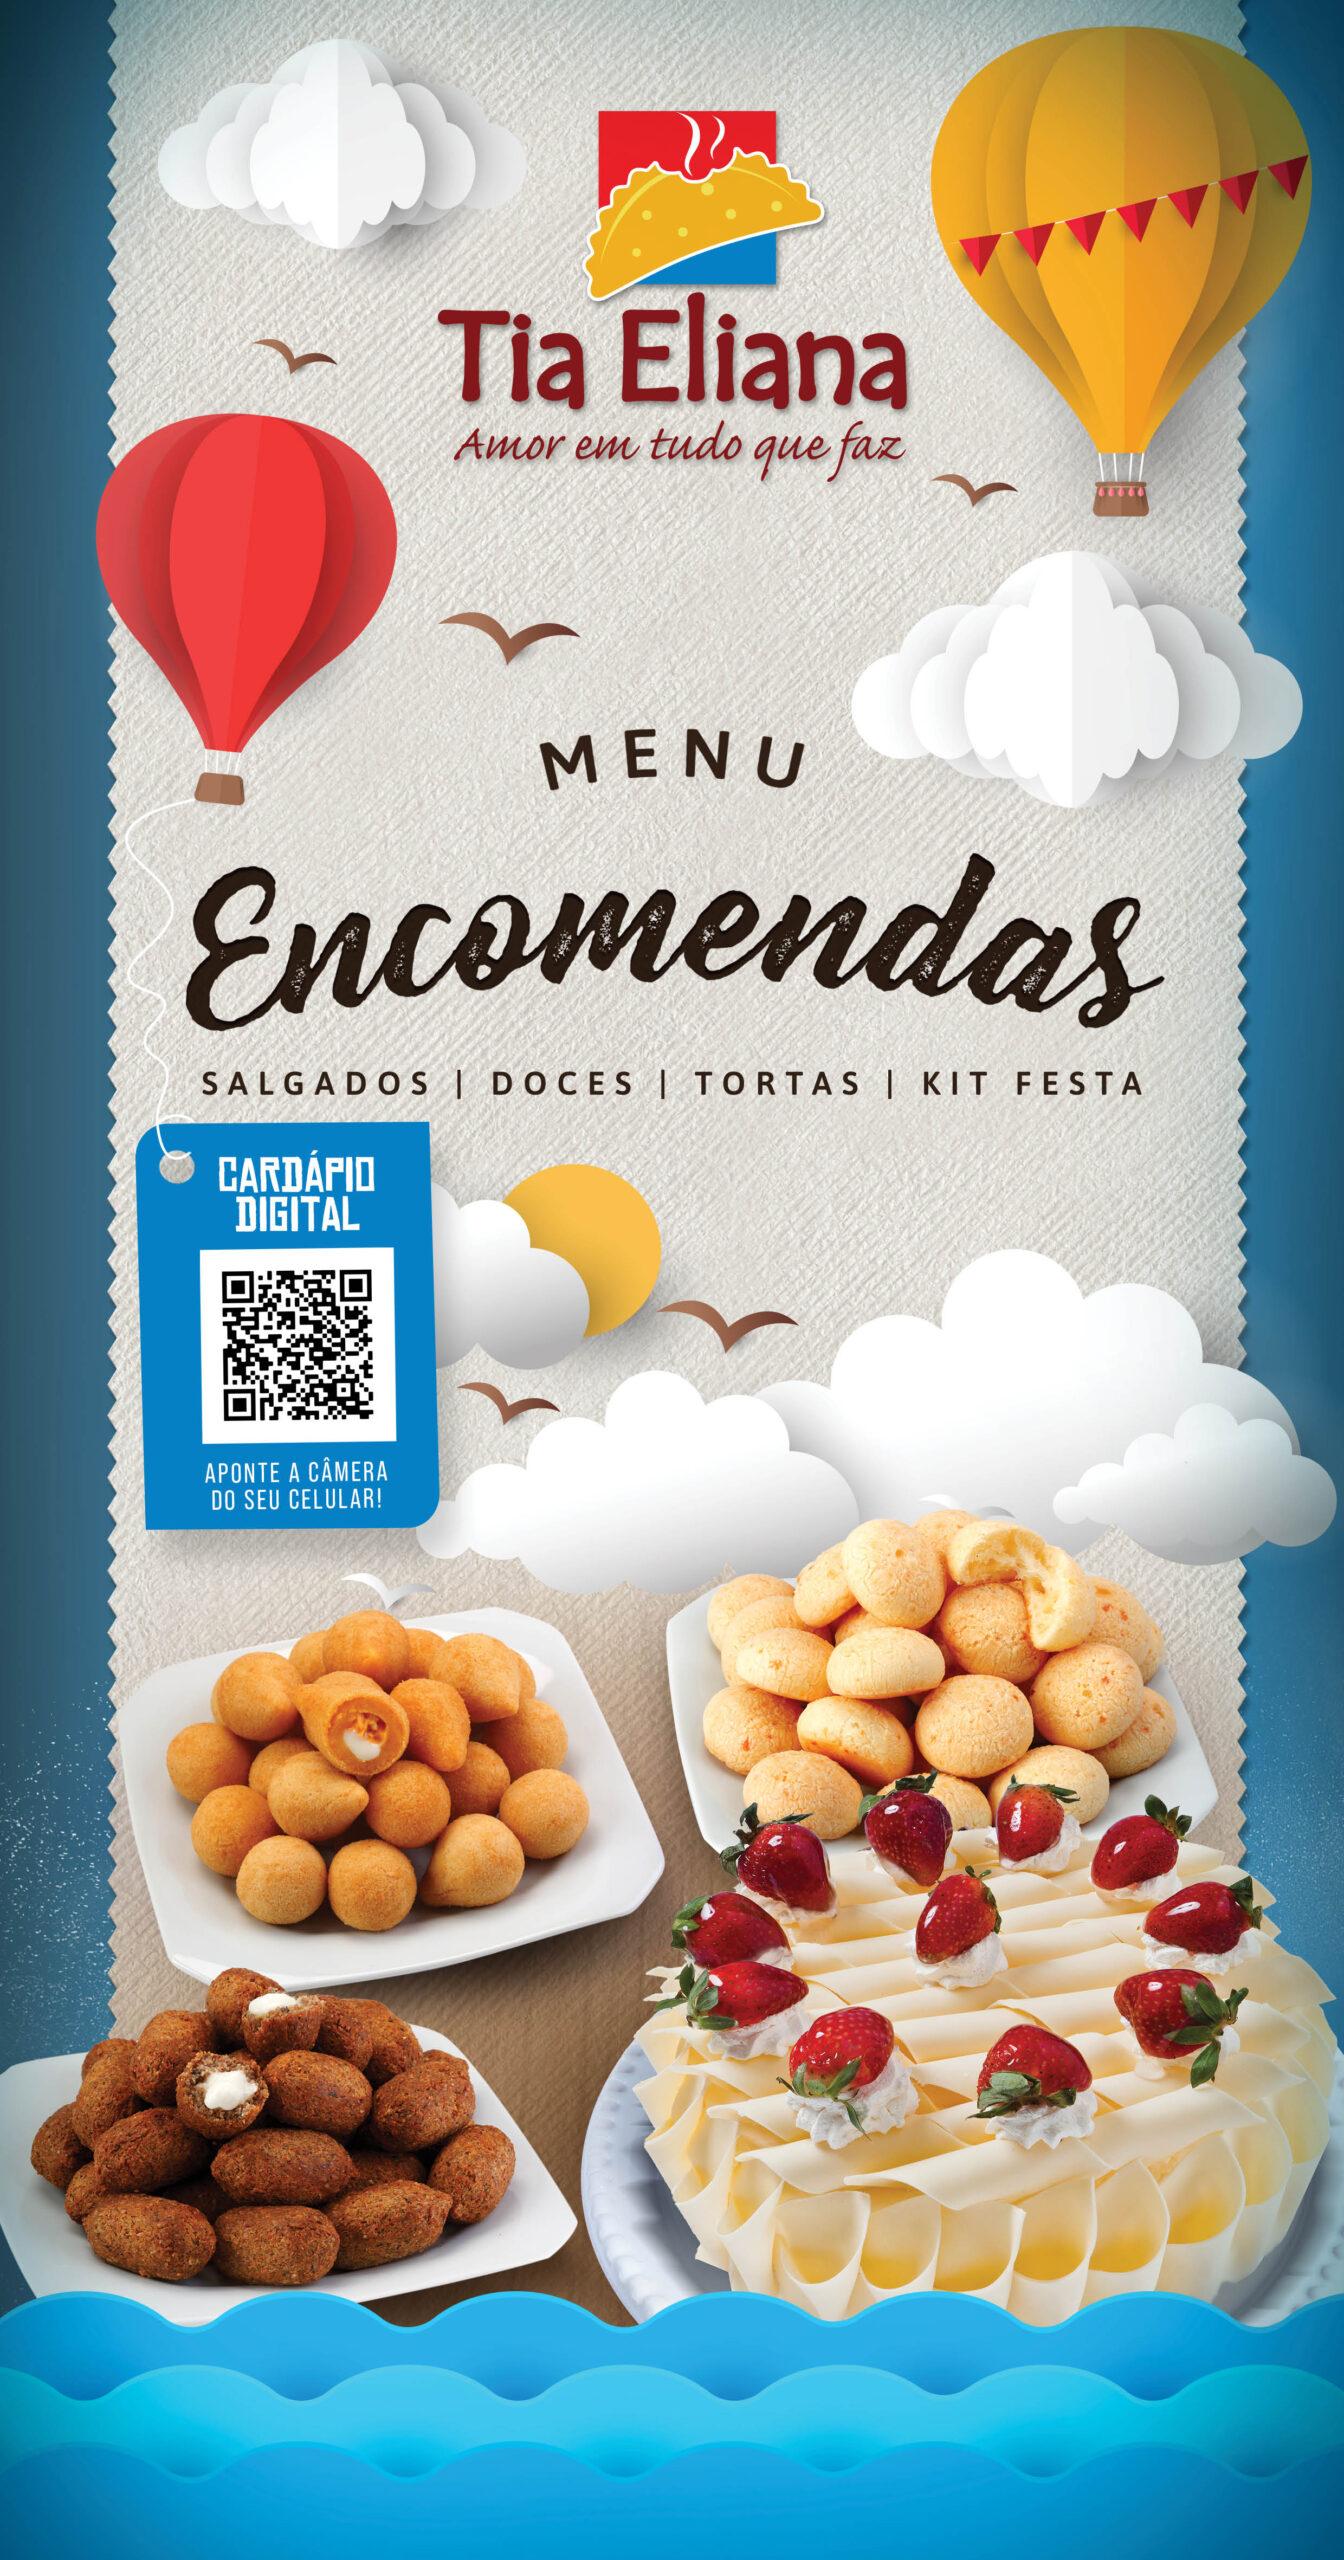 cardapio_encomendas_40x21cm_tia_eliana_interior_itabira_sp_v2-scaled Encomendas - Itabira - SP